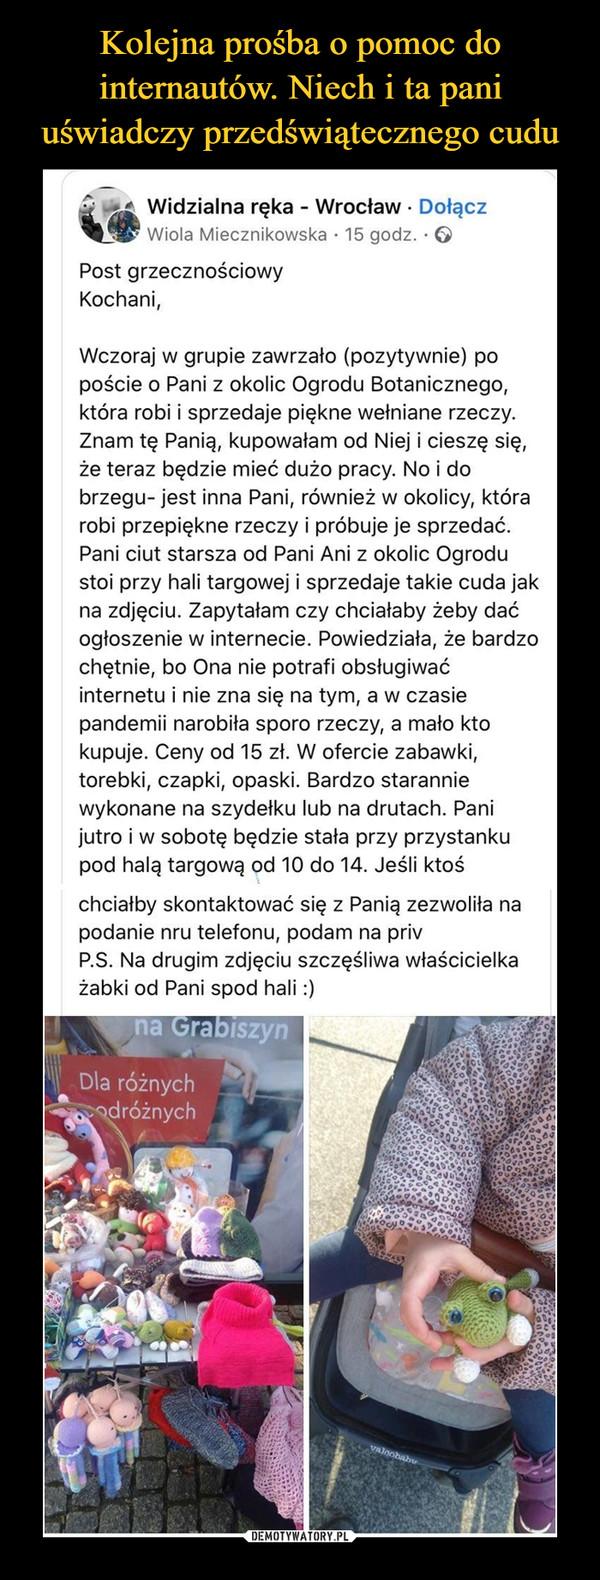 –  Widzialna ręka - Wrocław · DołączWiola Miecznikowska · 15 godz. · OPost grzecznościowyKochani,Wczoraj w grupie zawrzało (pozytywnie) popoście o Pani z okolic Ogrodu Botanicznego,która robi i sprzedaje piękne wełniane rzeczy.Znam tę Panią, kupowałam od Niej i cieszę się,że teraz będzie mieć dużo pracy. No i dobrzegu- jest inna Pani, również w okolicy, którarobi przepiękne rzeczy i próbuje je sprzedać.Pani ciut starsza od Pani Ani z okolic Ogrodustoi przy hali targowej i sprzedaje takie cuda jakna zdjęciu. Zapytałam czy chciałaby żeby daćogłoszenie w internecie. Powiedziała, że bardzochętnie, bo Ona nie potrafi obsługiwaćinternetu i nie zna się na tym, a w czasiepandemii narobiła sporo rzeczy, a mało ktokupuje. Ceny od 15 zł. W ofercie zabawki,torebki, czapki, opaski. Bardzo staranniewykonane na szydełku lub na drutach. Panijutro i w sobotę będzie stała przy przystankupod halą targową od 10 do 14. Jeśli ktośchciałby skontaktować się z Panią zezwoliła napodanie nru telefonu, podam na privP.S. Na drugim zdjęciu szczęśliwa właścicielkażabki od Pani spod hali :)na GrabiszynDla różnychdróżnychvaloobaby